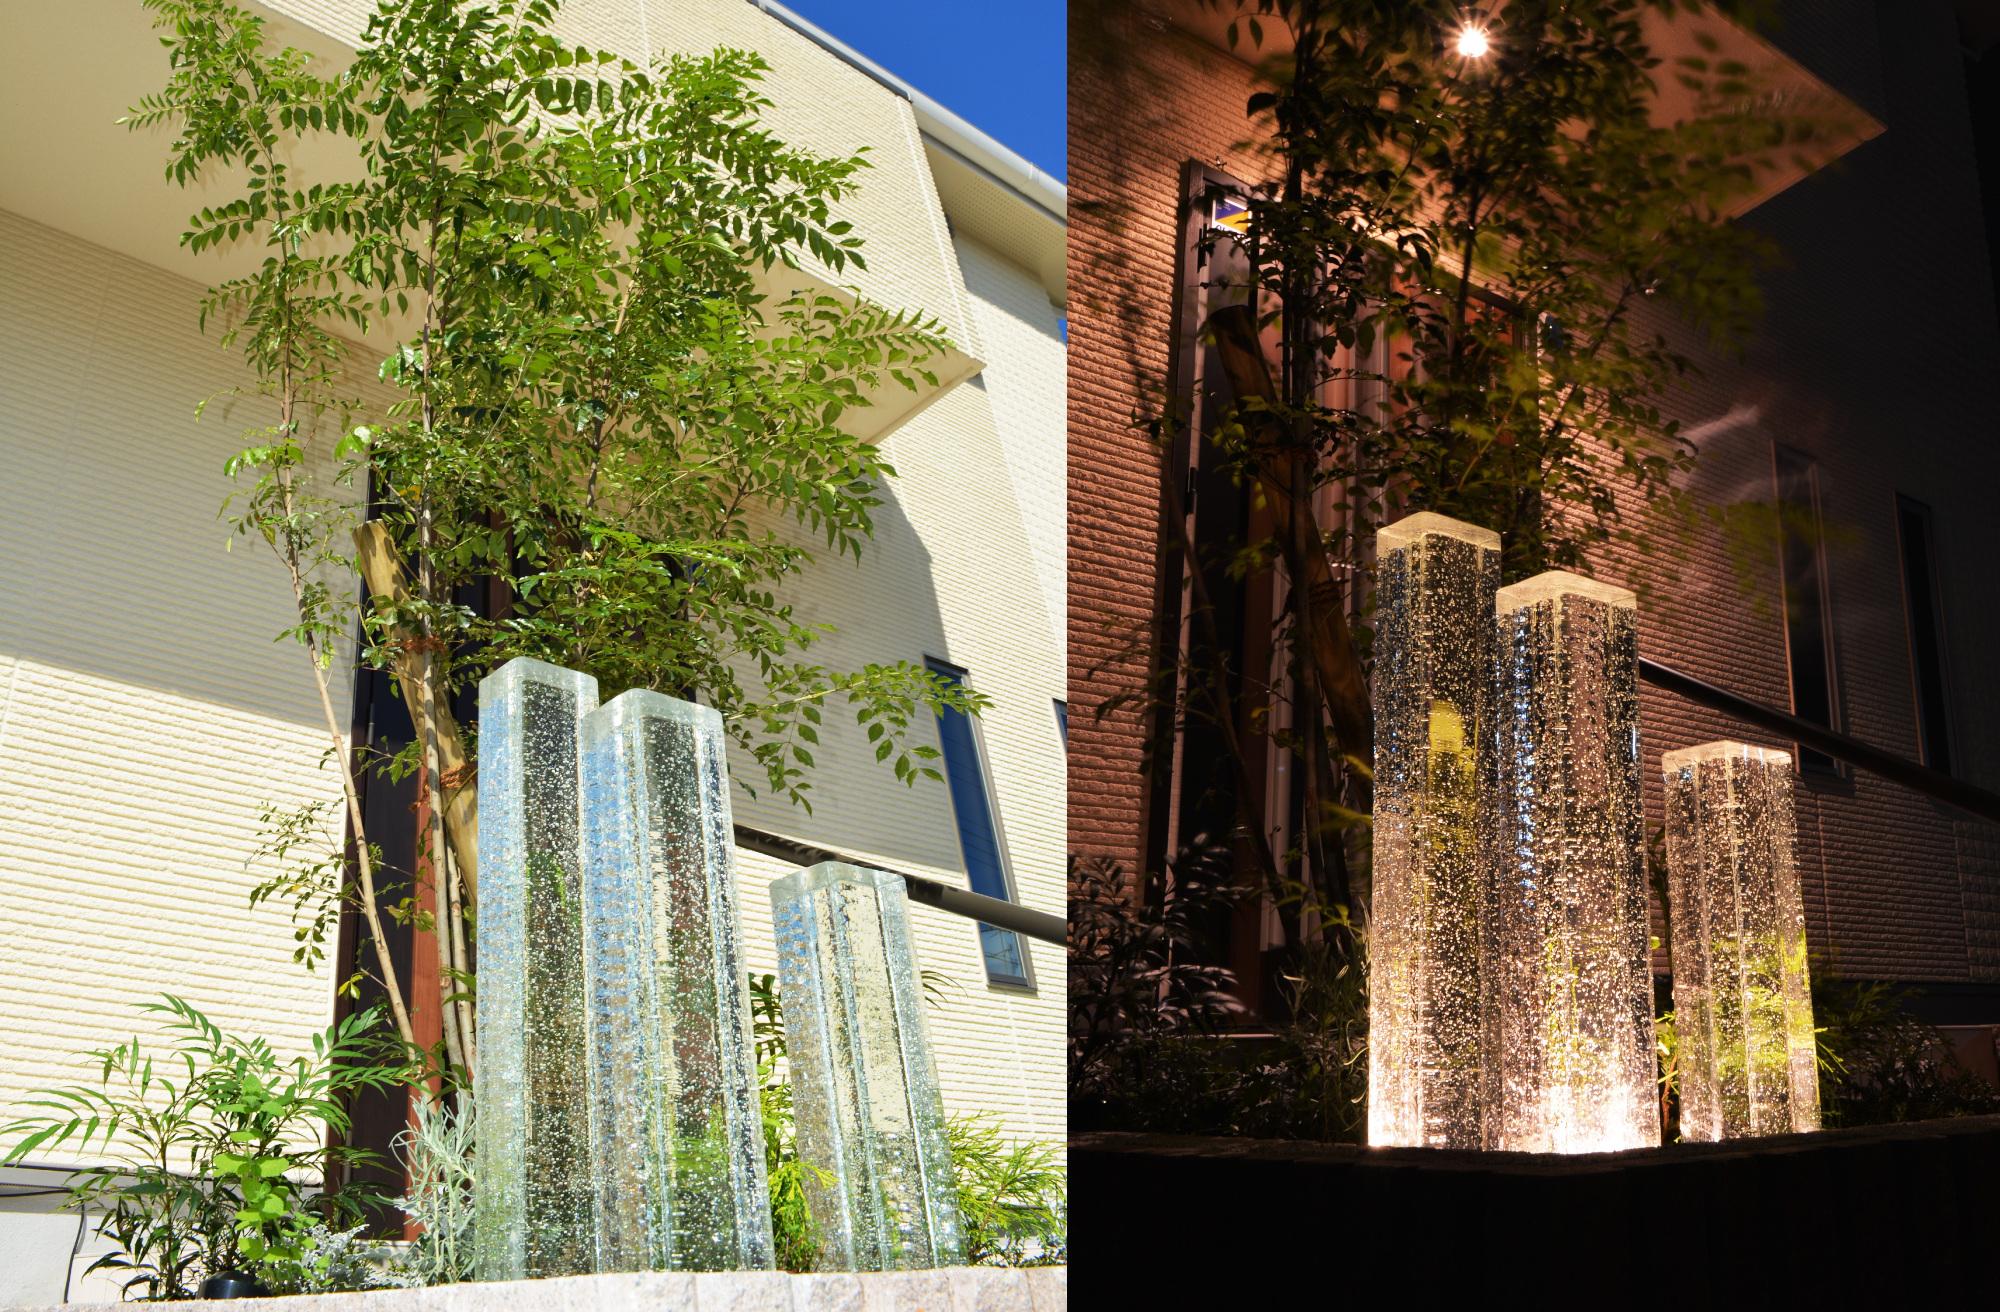 照明 エクステリア ガラス 庭のリフォーム ガラスライト 屋外